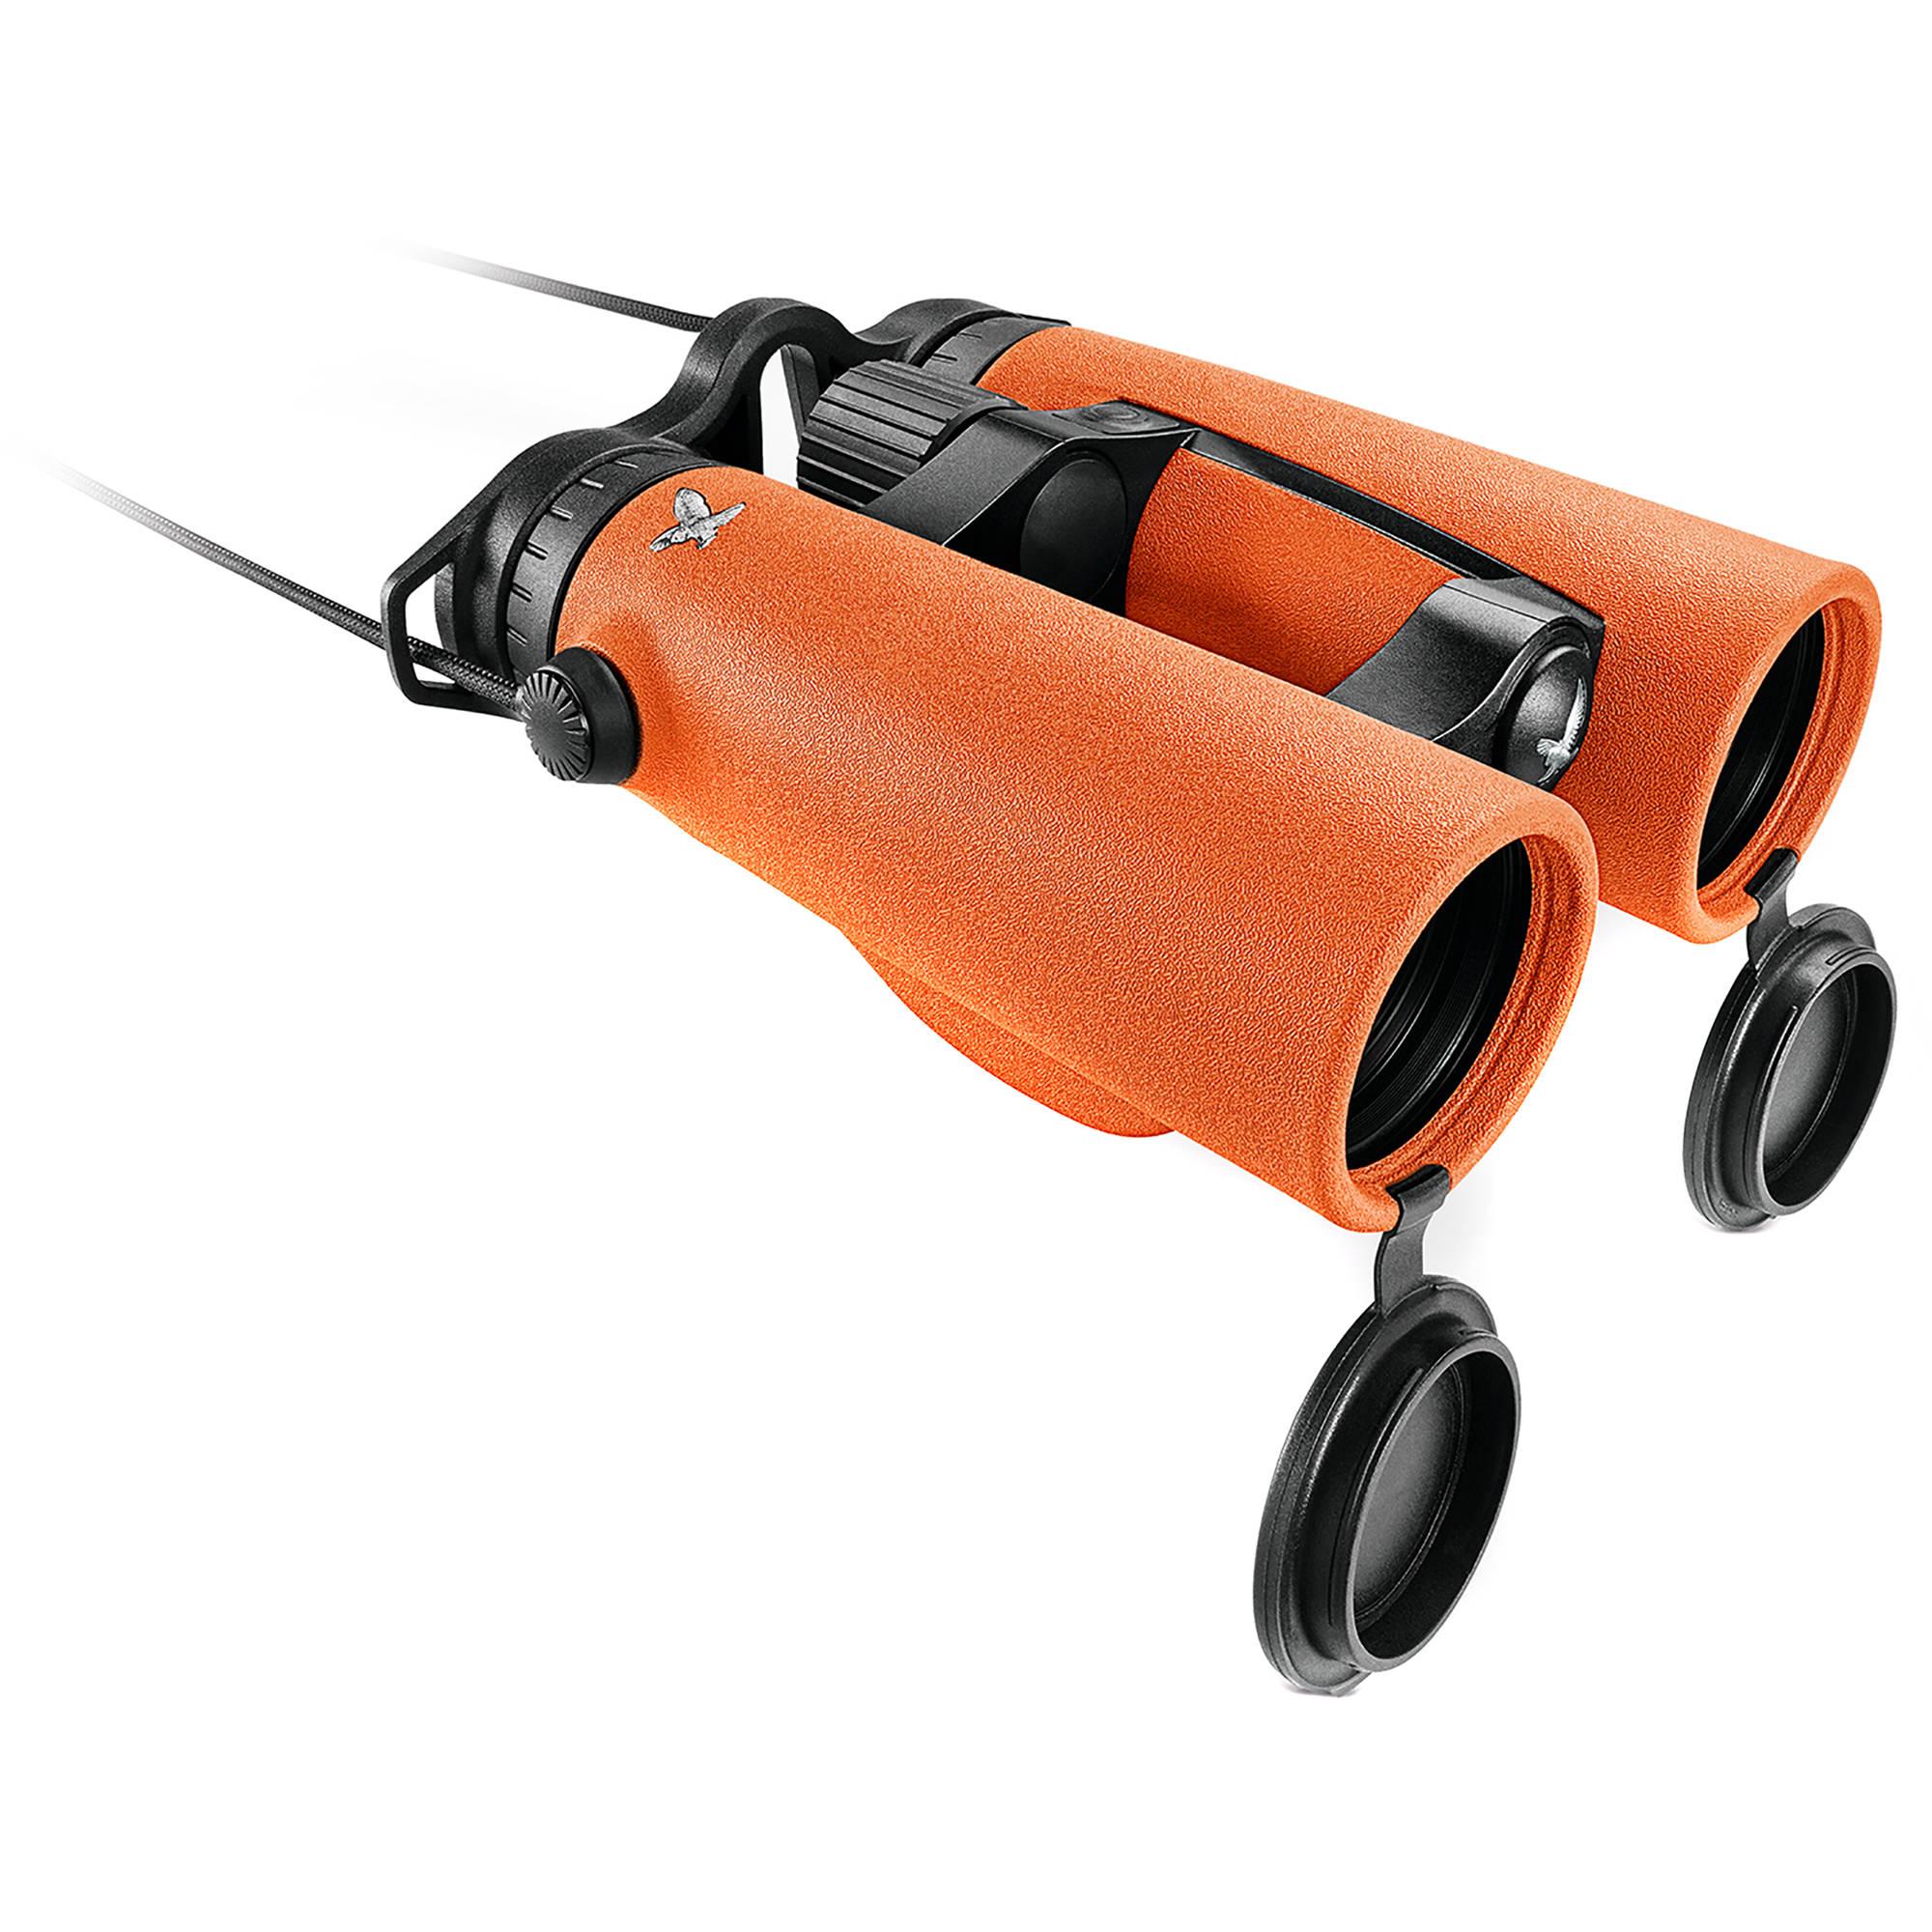 swarovski el range 10x42 rangefinder binoculars reviews